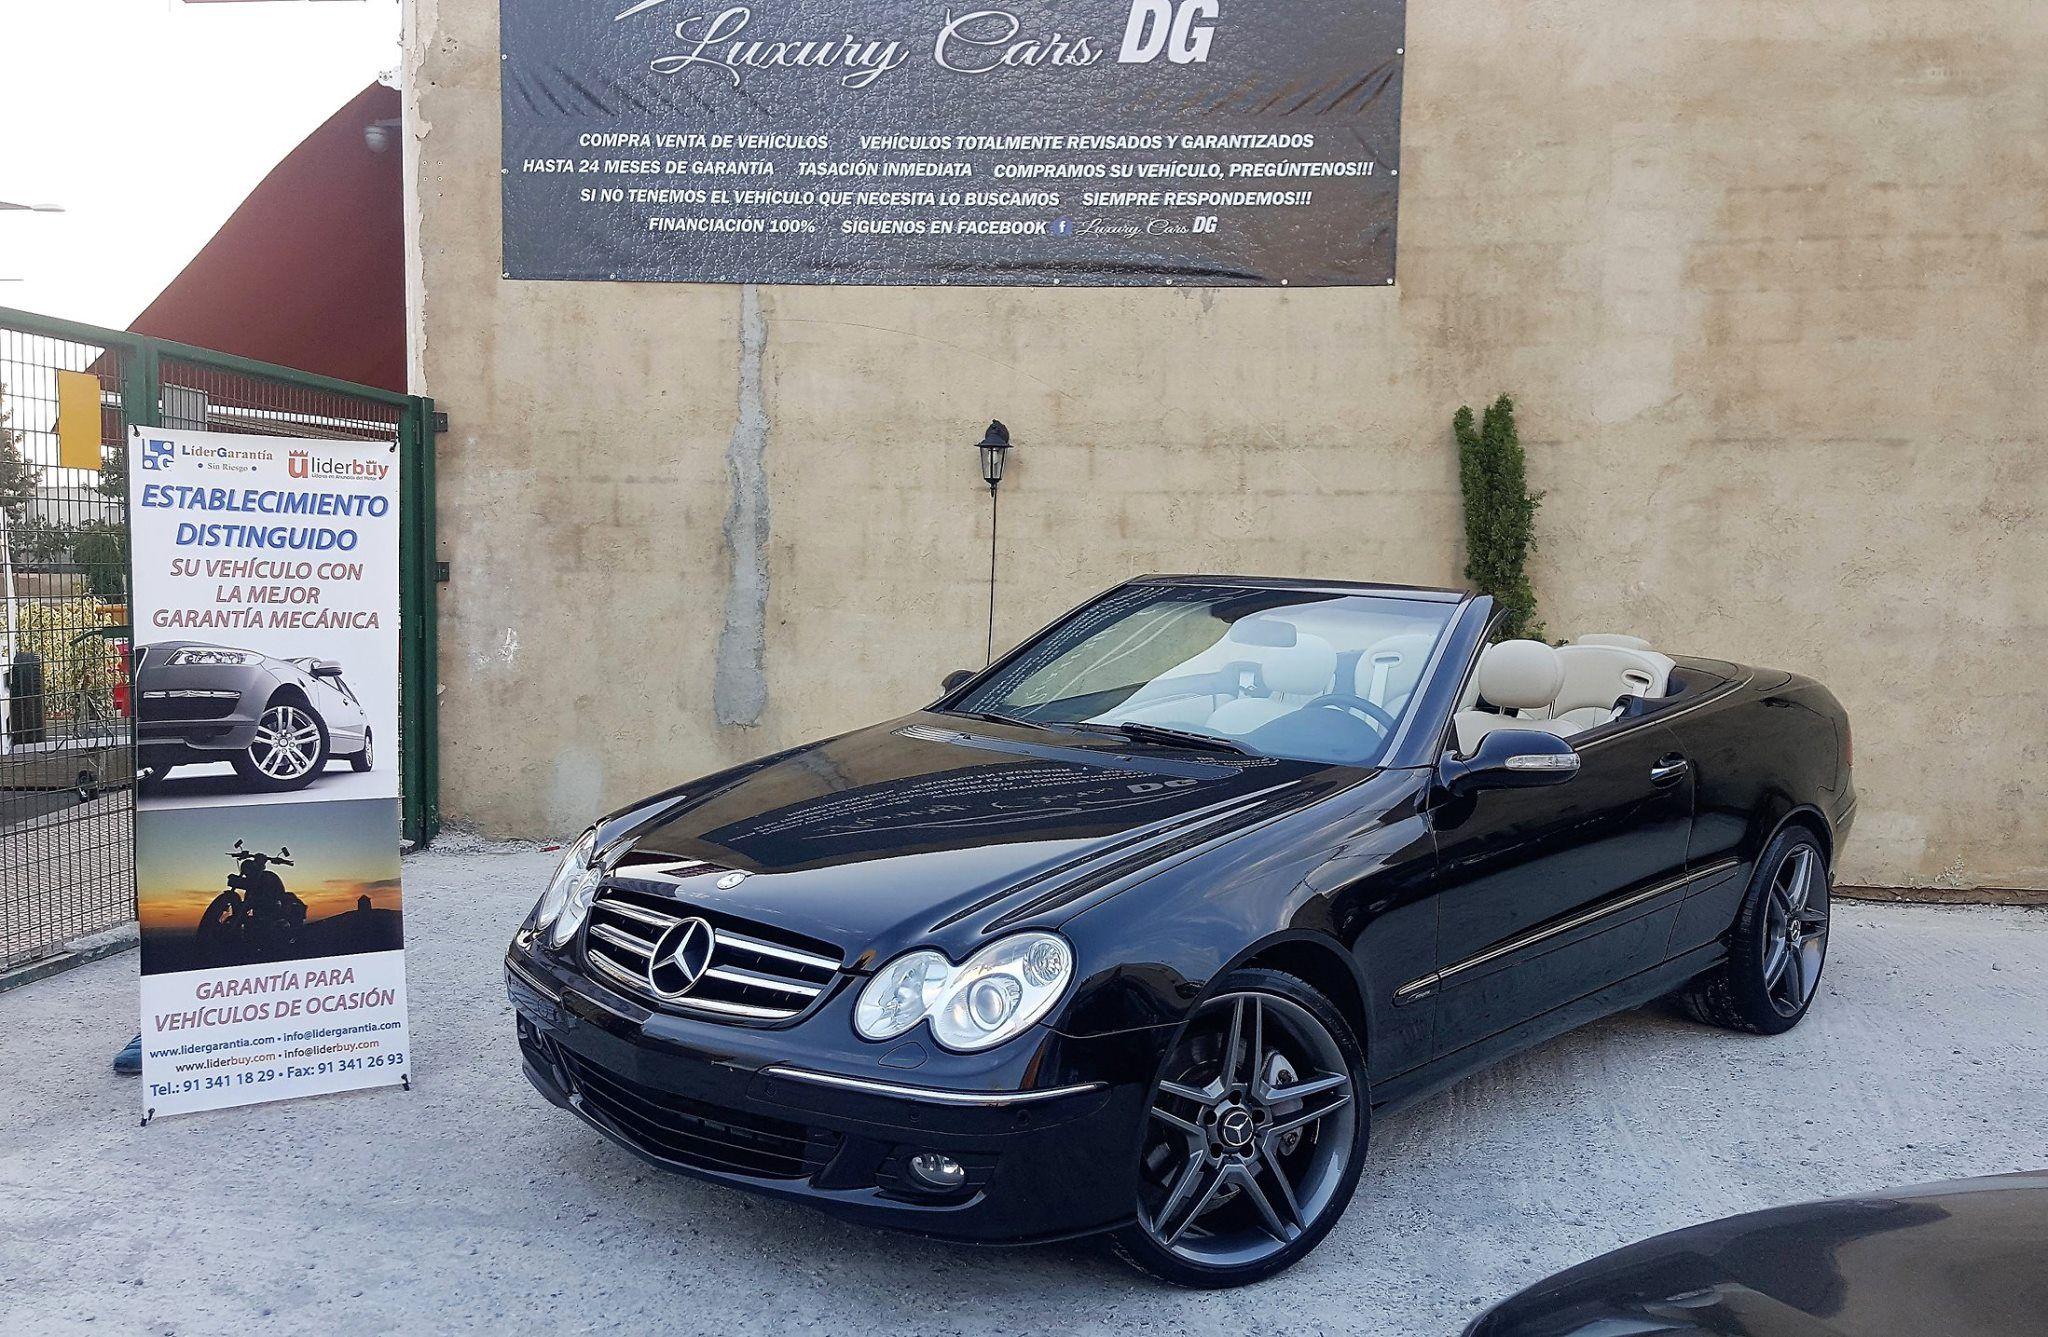 Foto 74 de Compraventa de automóviles en Vera | Luxury Cars DG